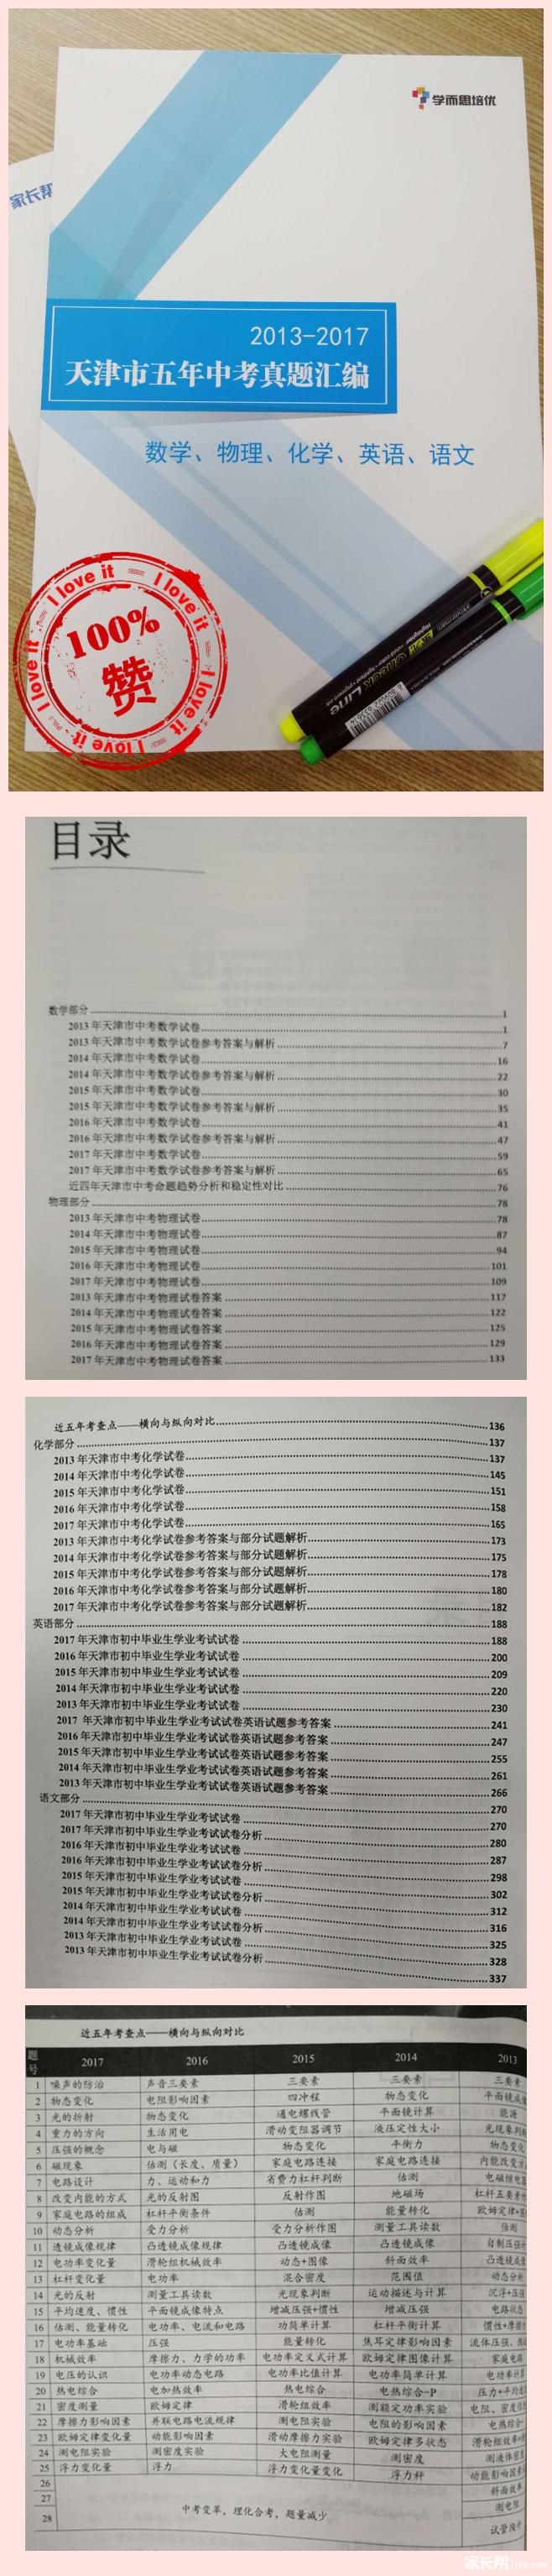 中考汇编.png